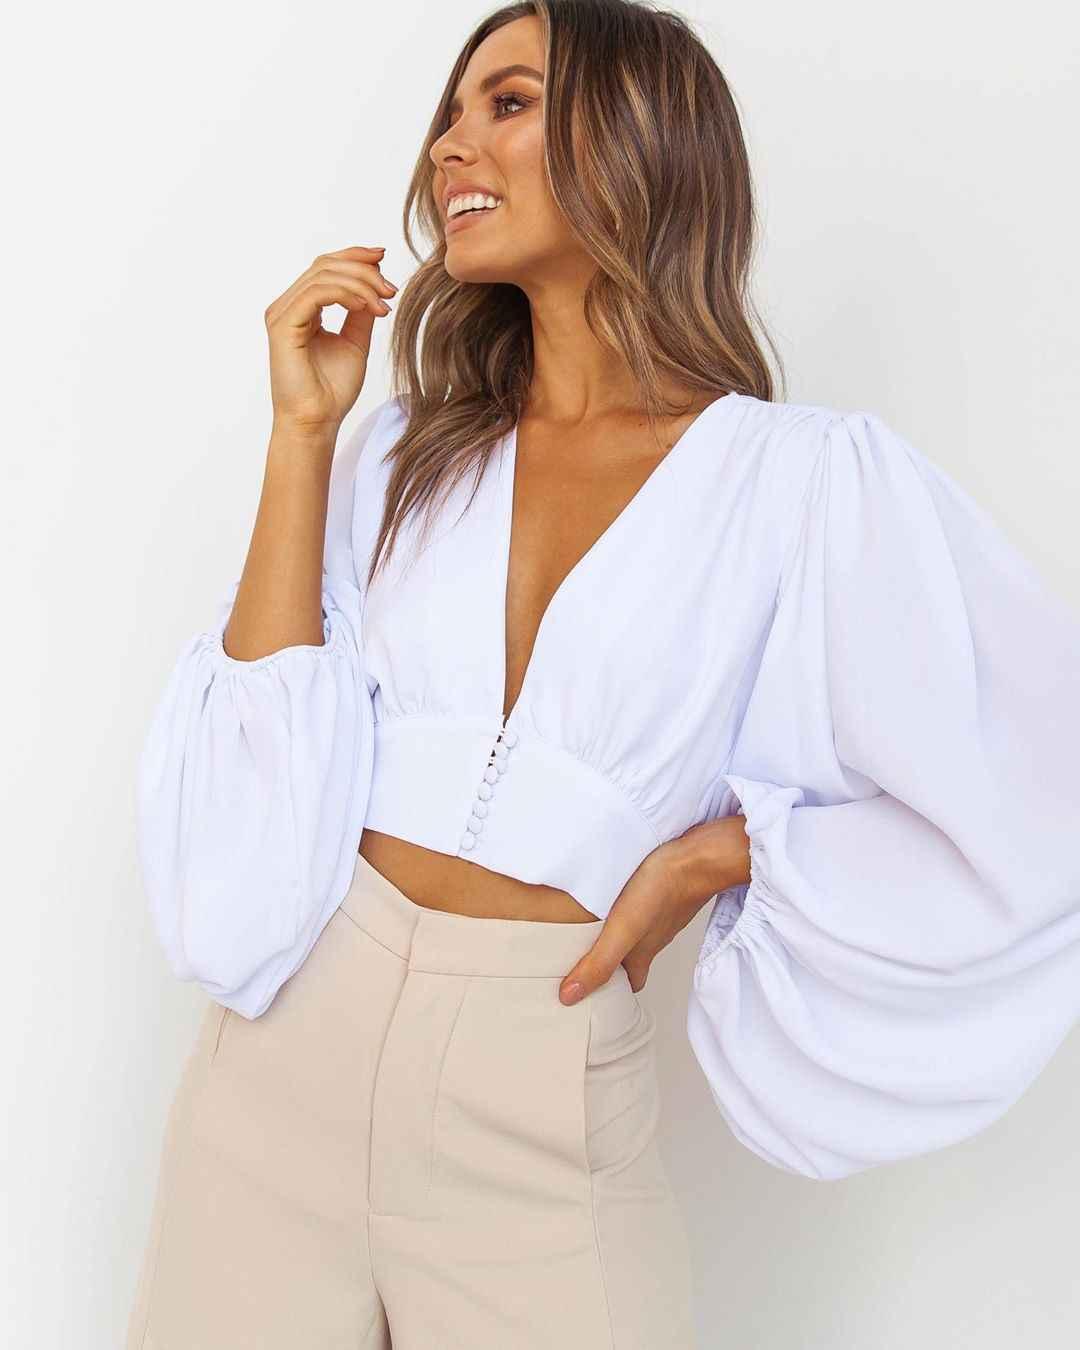 Women Ladies Deep V Neck Crop Top Long Sleeve Shirt Blouse Sweater T-shirt